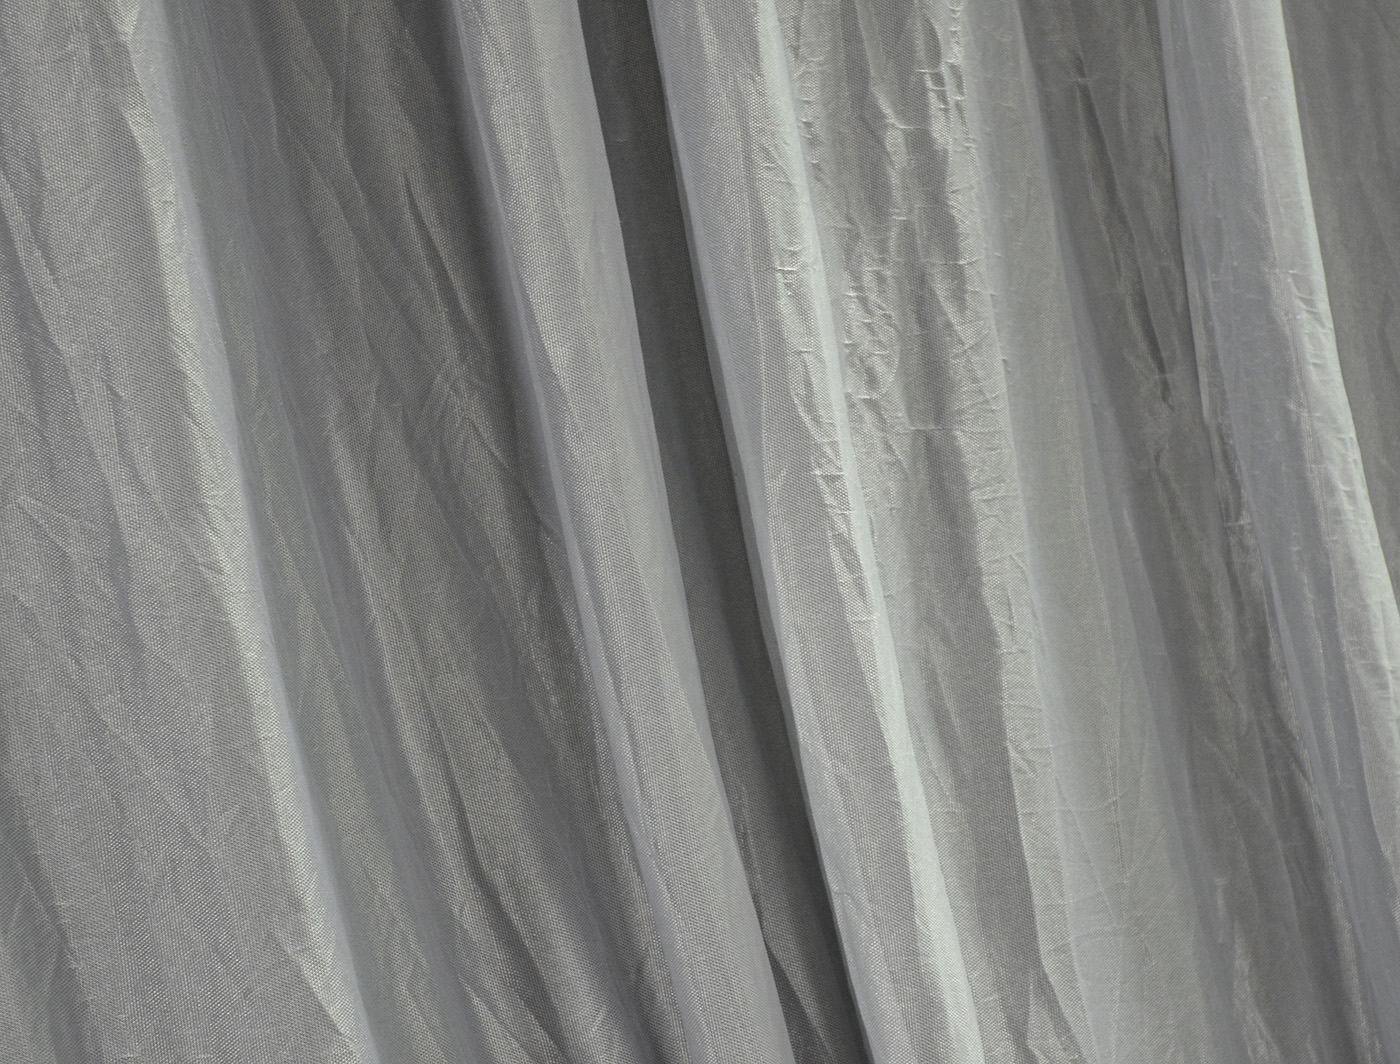 SILVET SHEEN IN NATURAL LIGHT